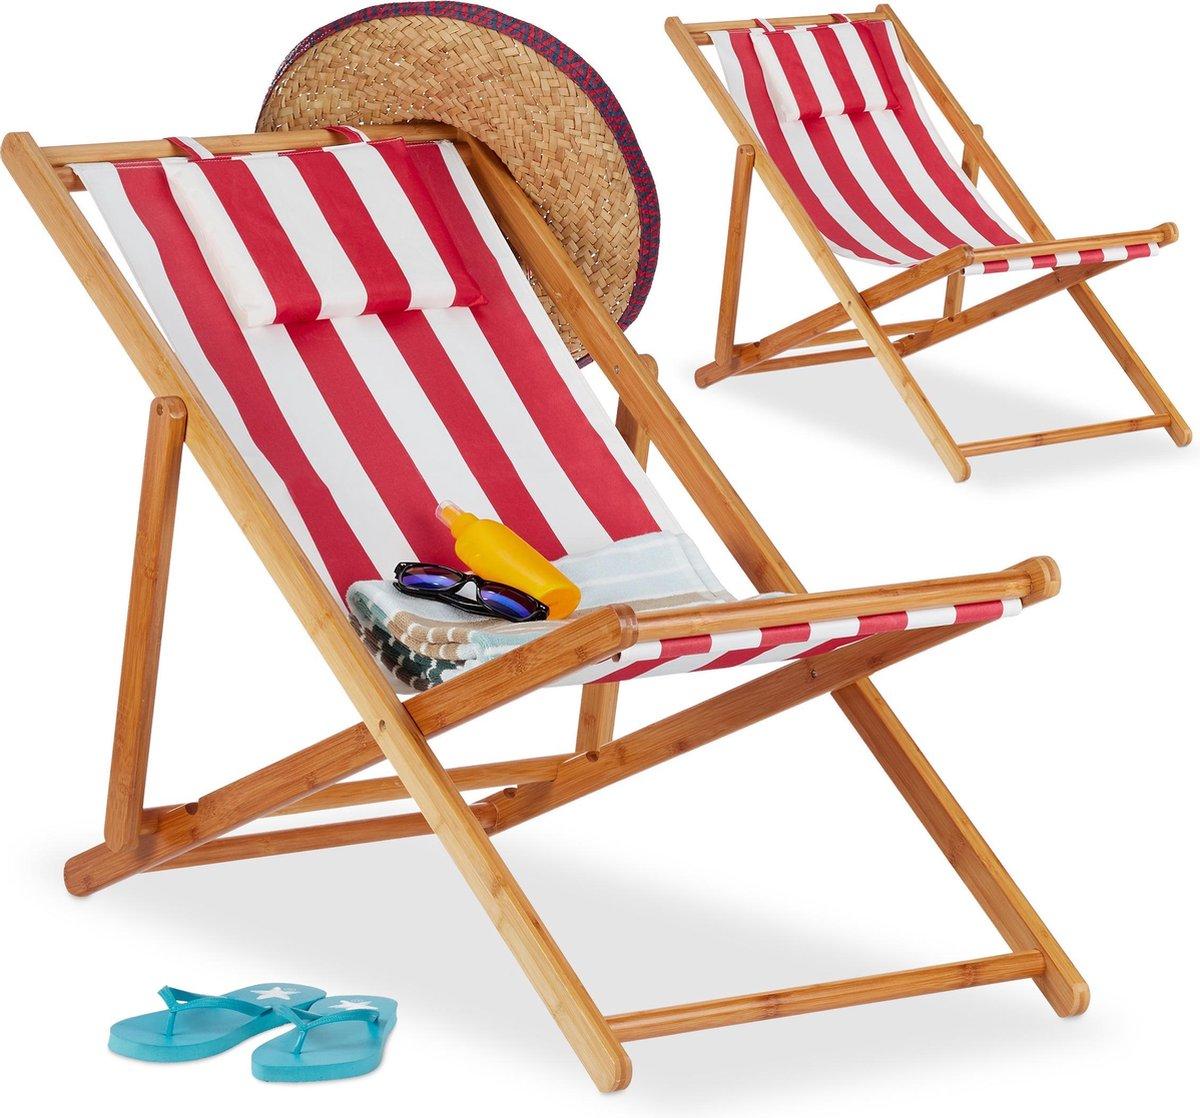 relaxdays Strandstoel set van 2 - ligstoel - kampeerstoel - tuinstoel - gestreept - bamboe rood-strip